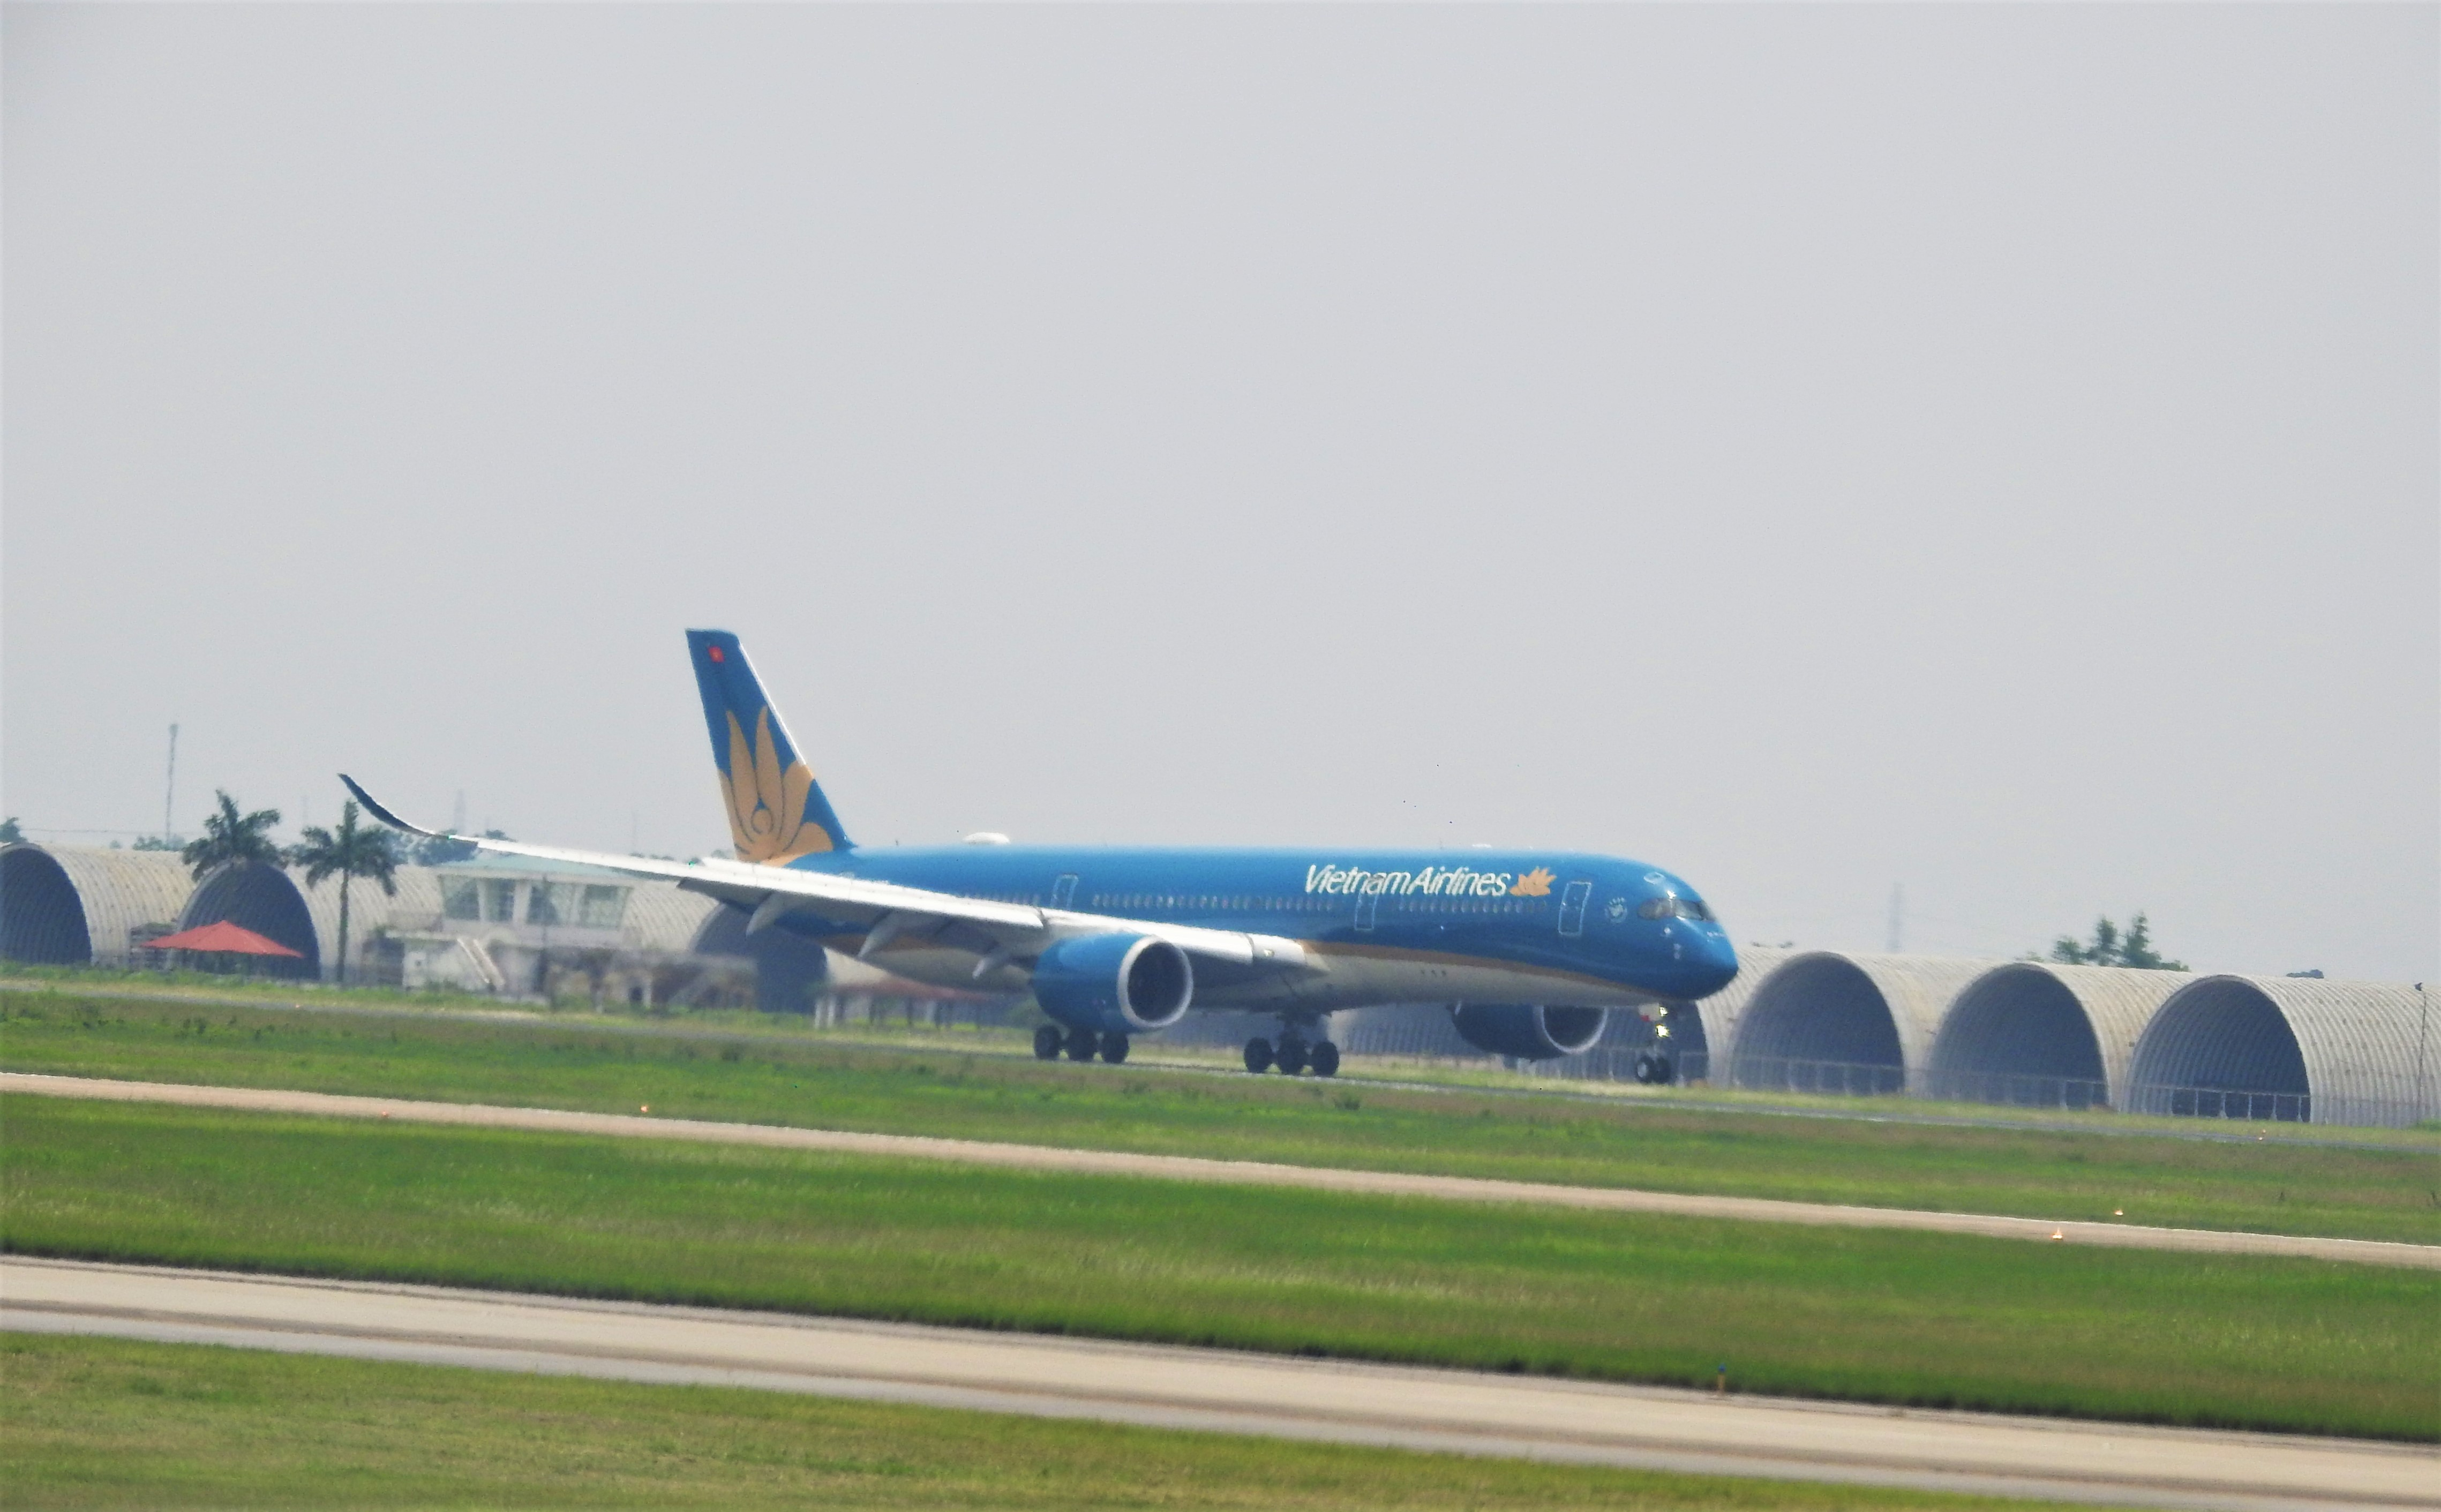 Hàng không thay đổi lịch bay vì bão số 7 (Nangka) - Ảnh 1.